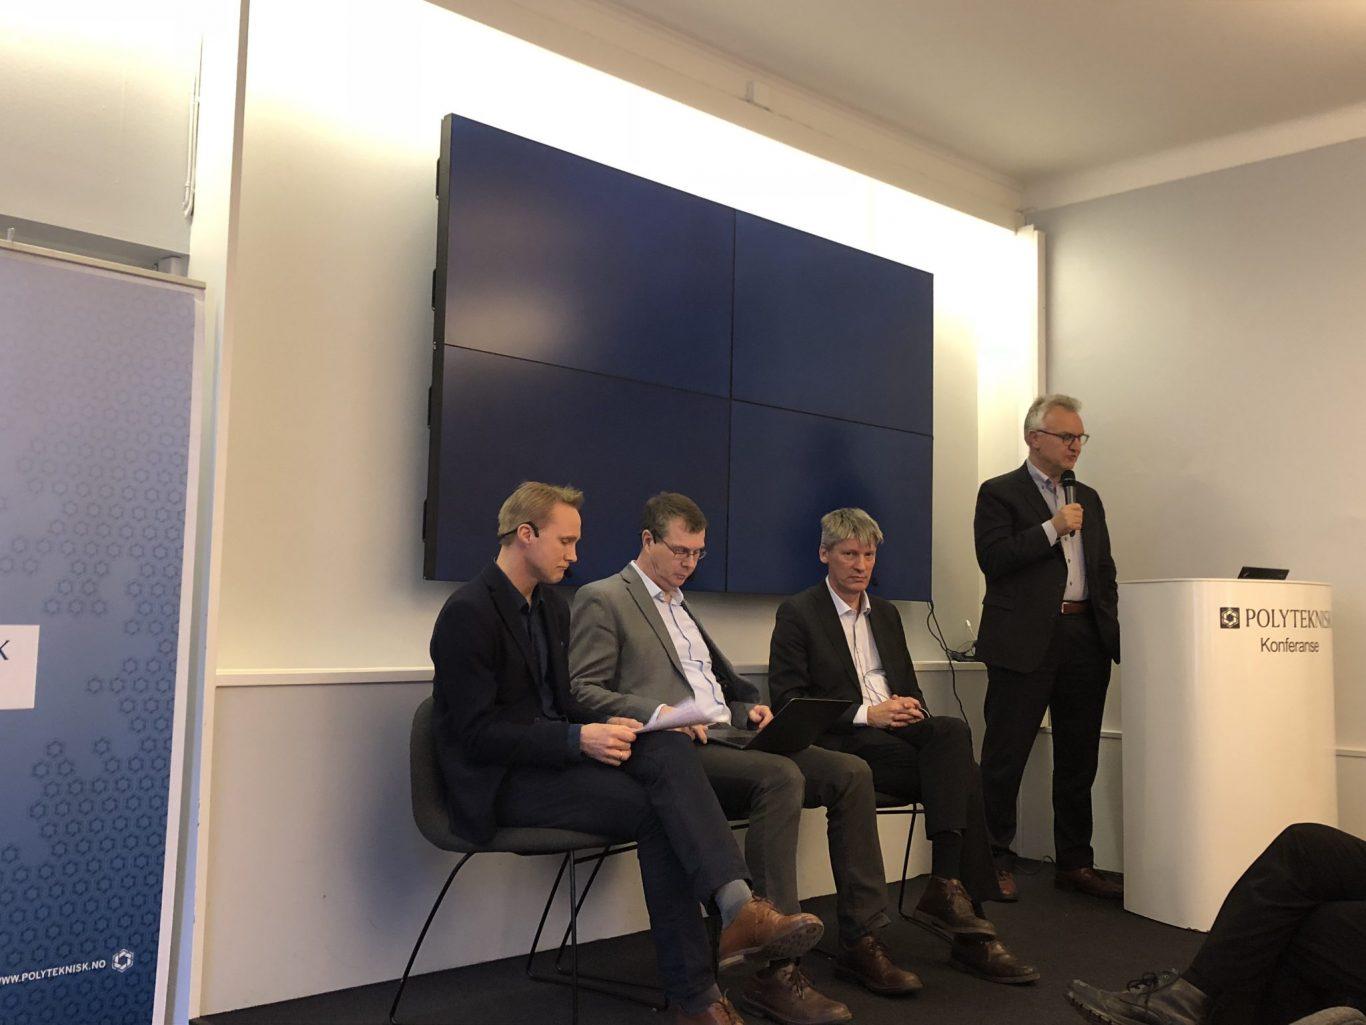 Panelsamtale om ny LTP. Fra venstre: Tormod Heier, Knut Johannes Støvne, Sigurd Glærum (FFI) og ordstyrer Kristian Berg Harpviken. Foto: UTSYN